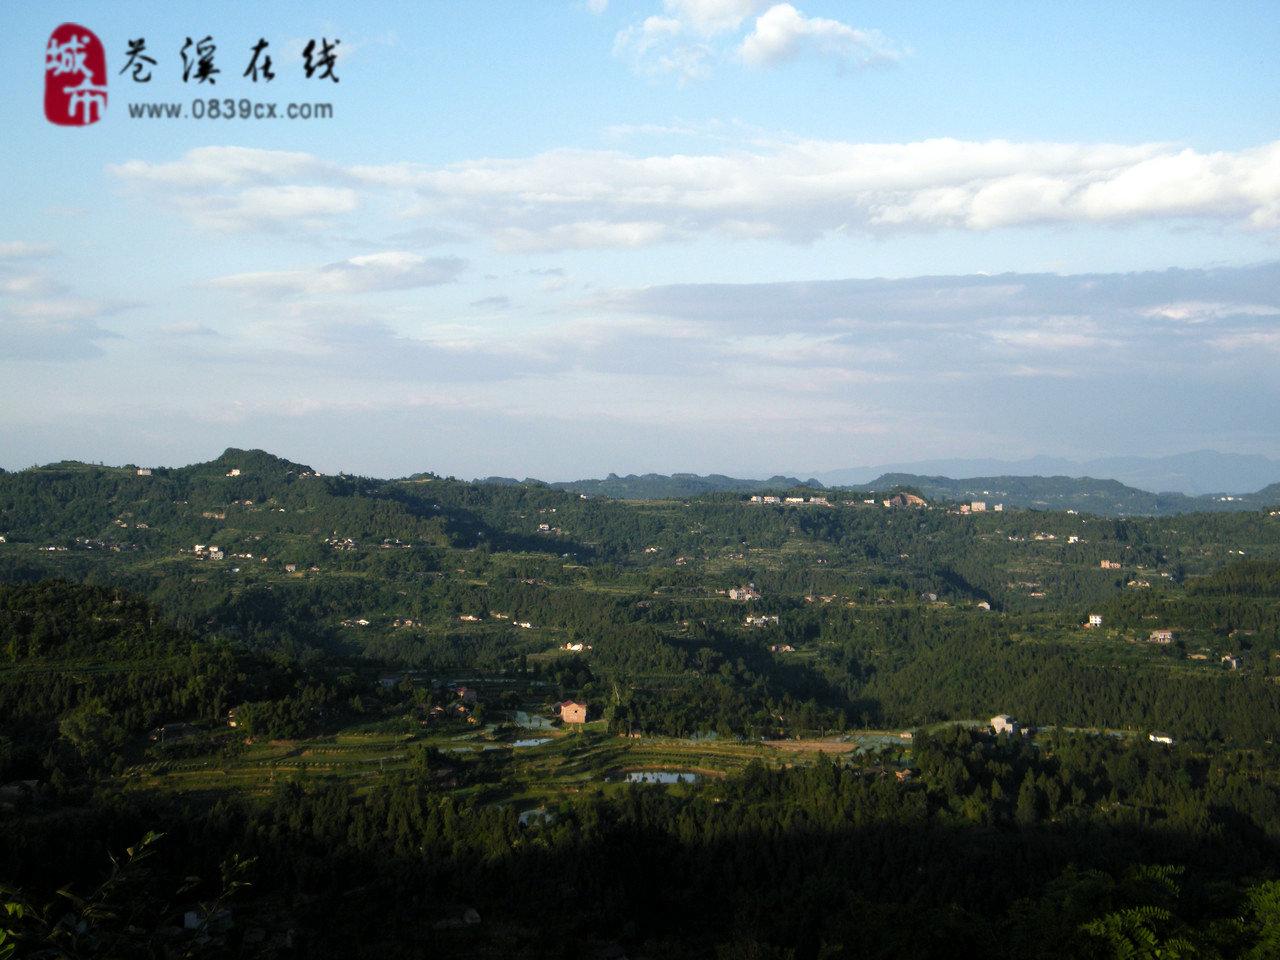 美丽的苍溪白山乡风景